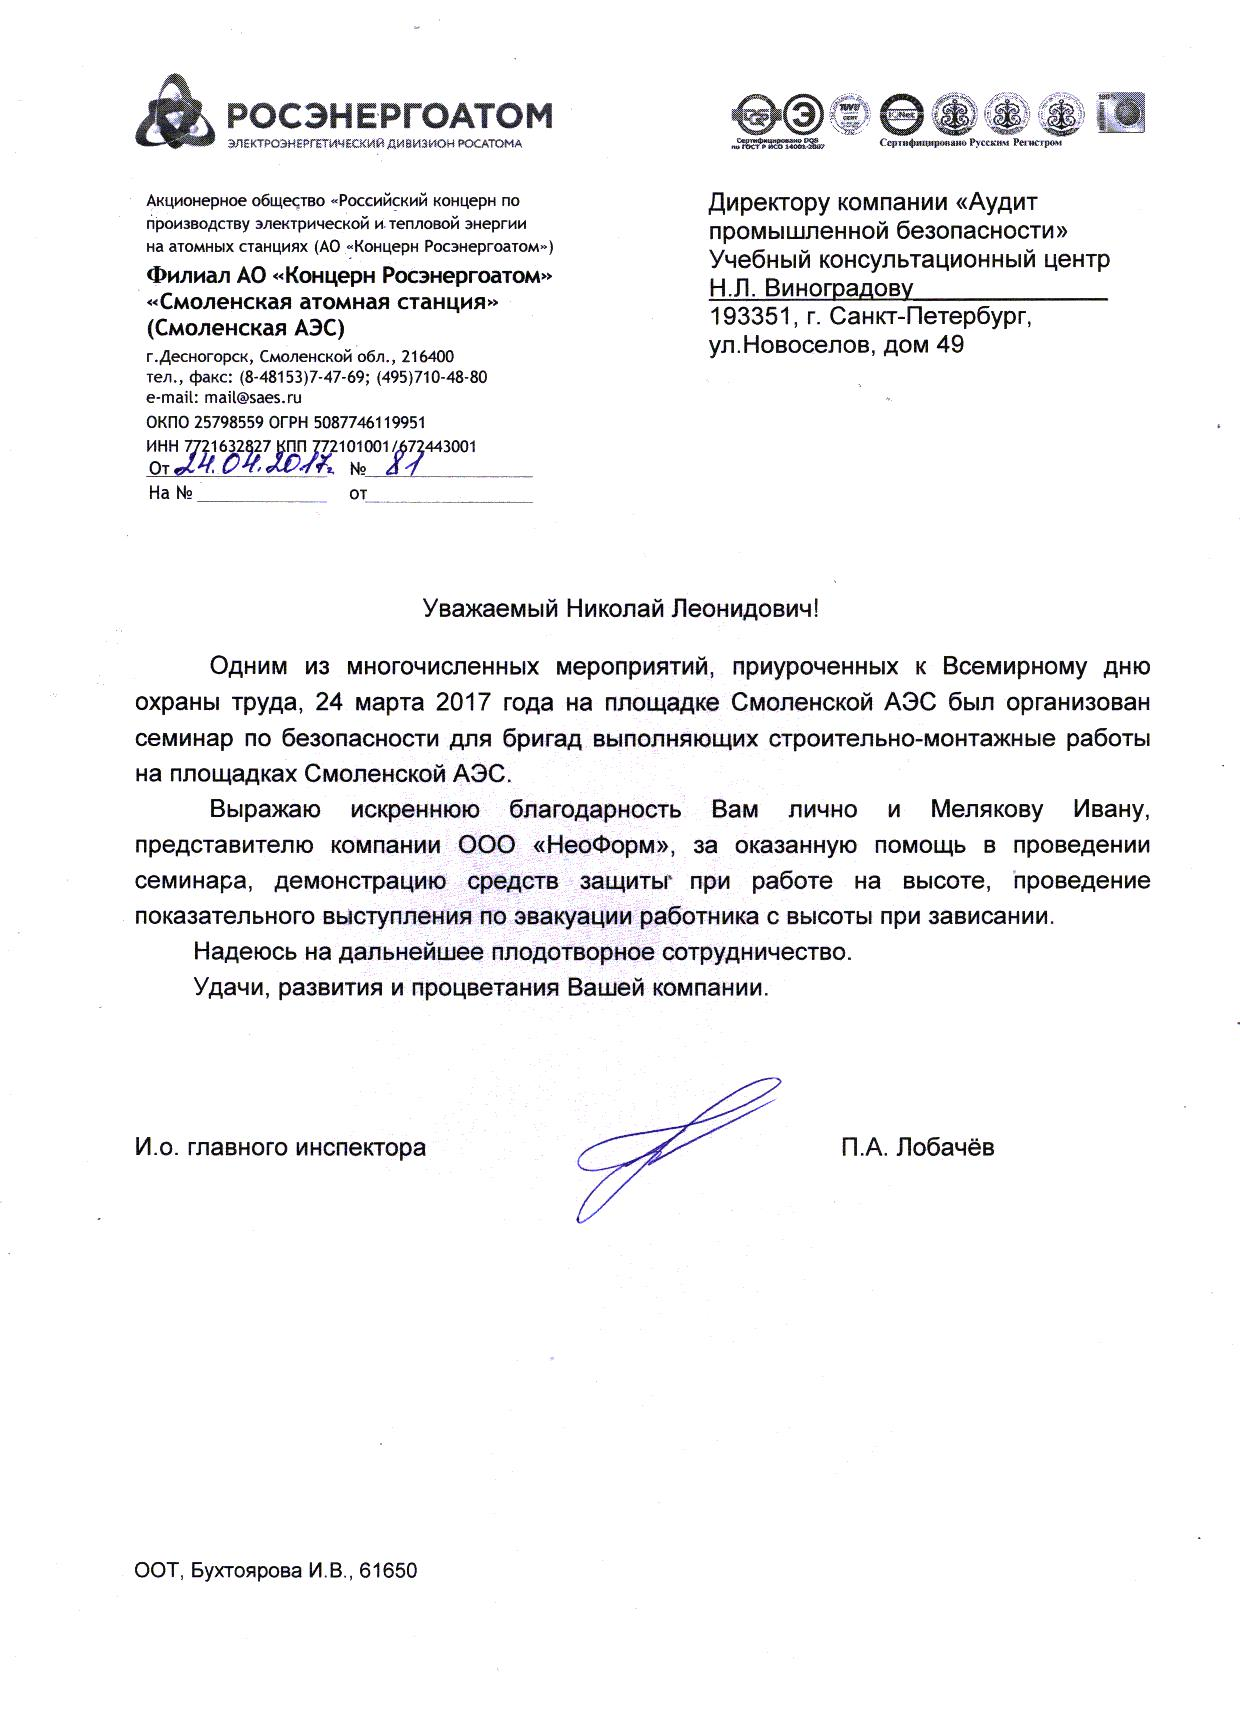 blagodarstvennoe-pismo-smolenskaya-aehs